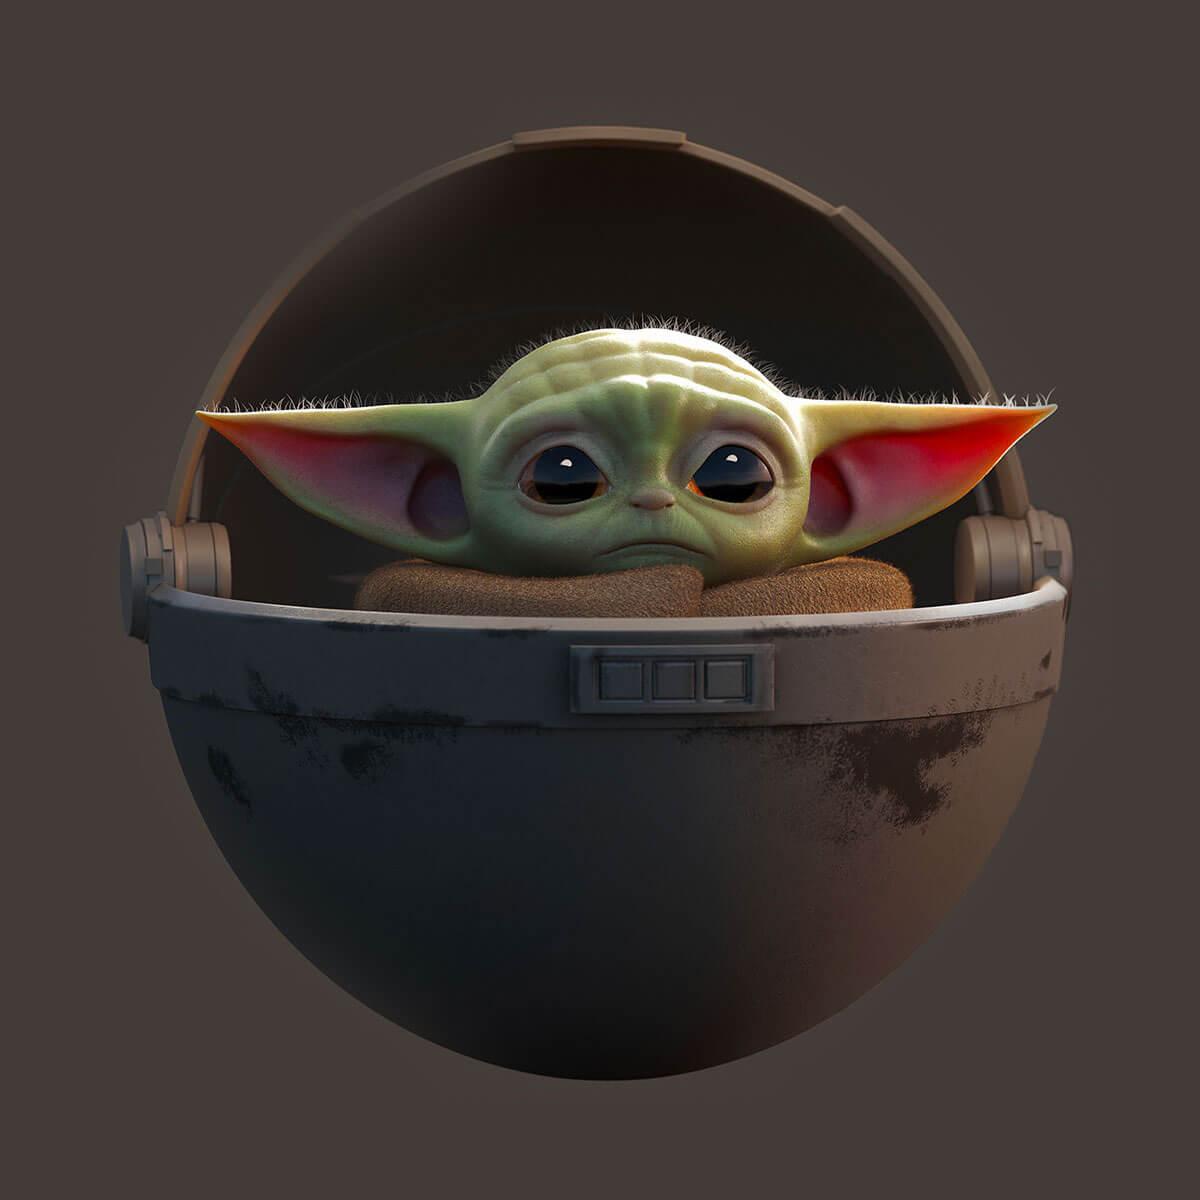 Baby Yoda by Guzz Soares